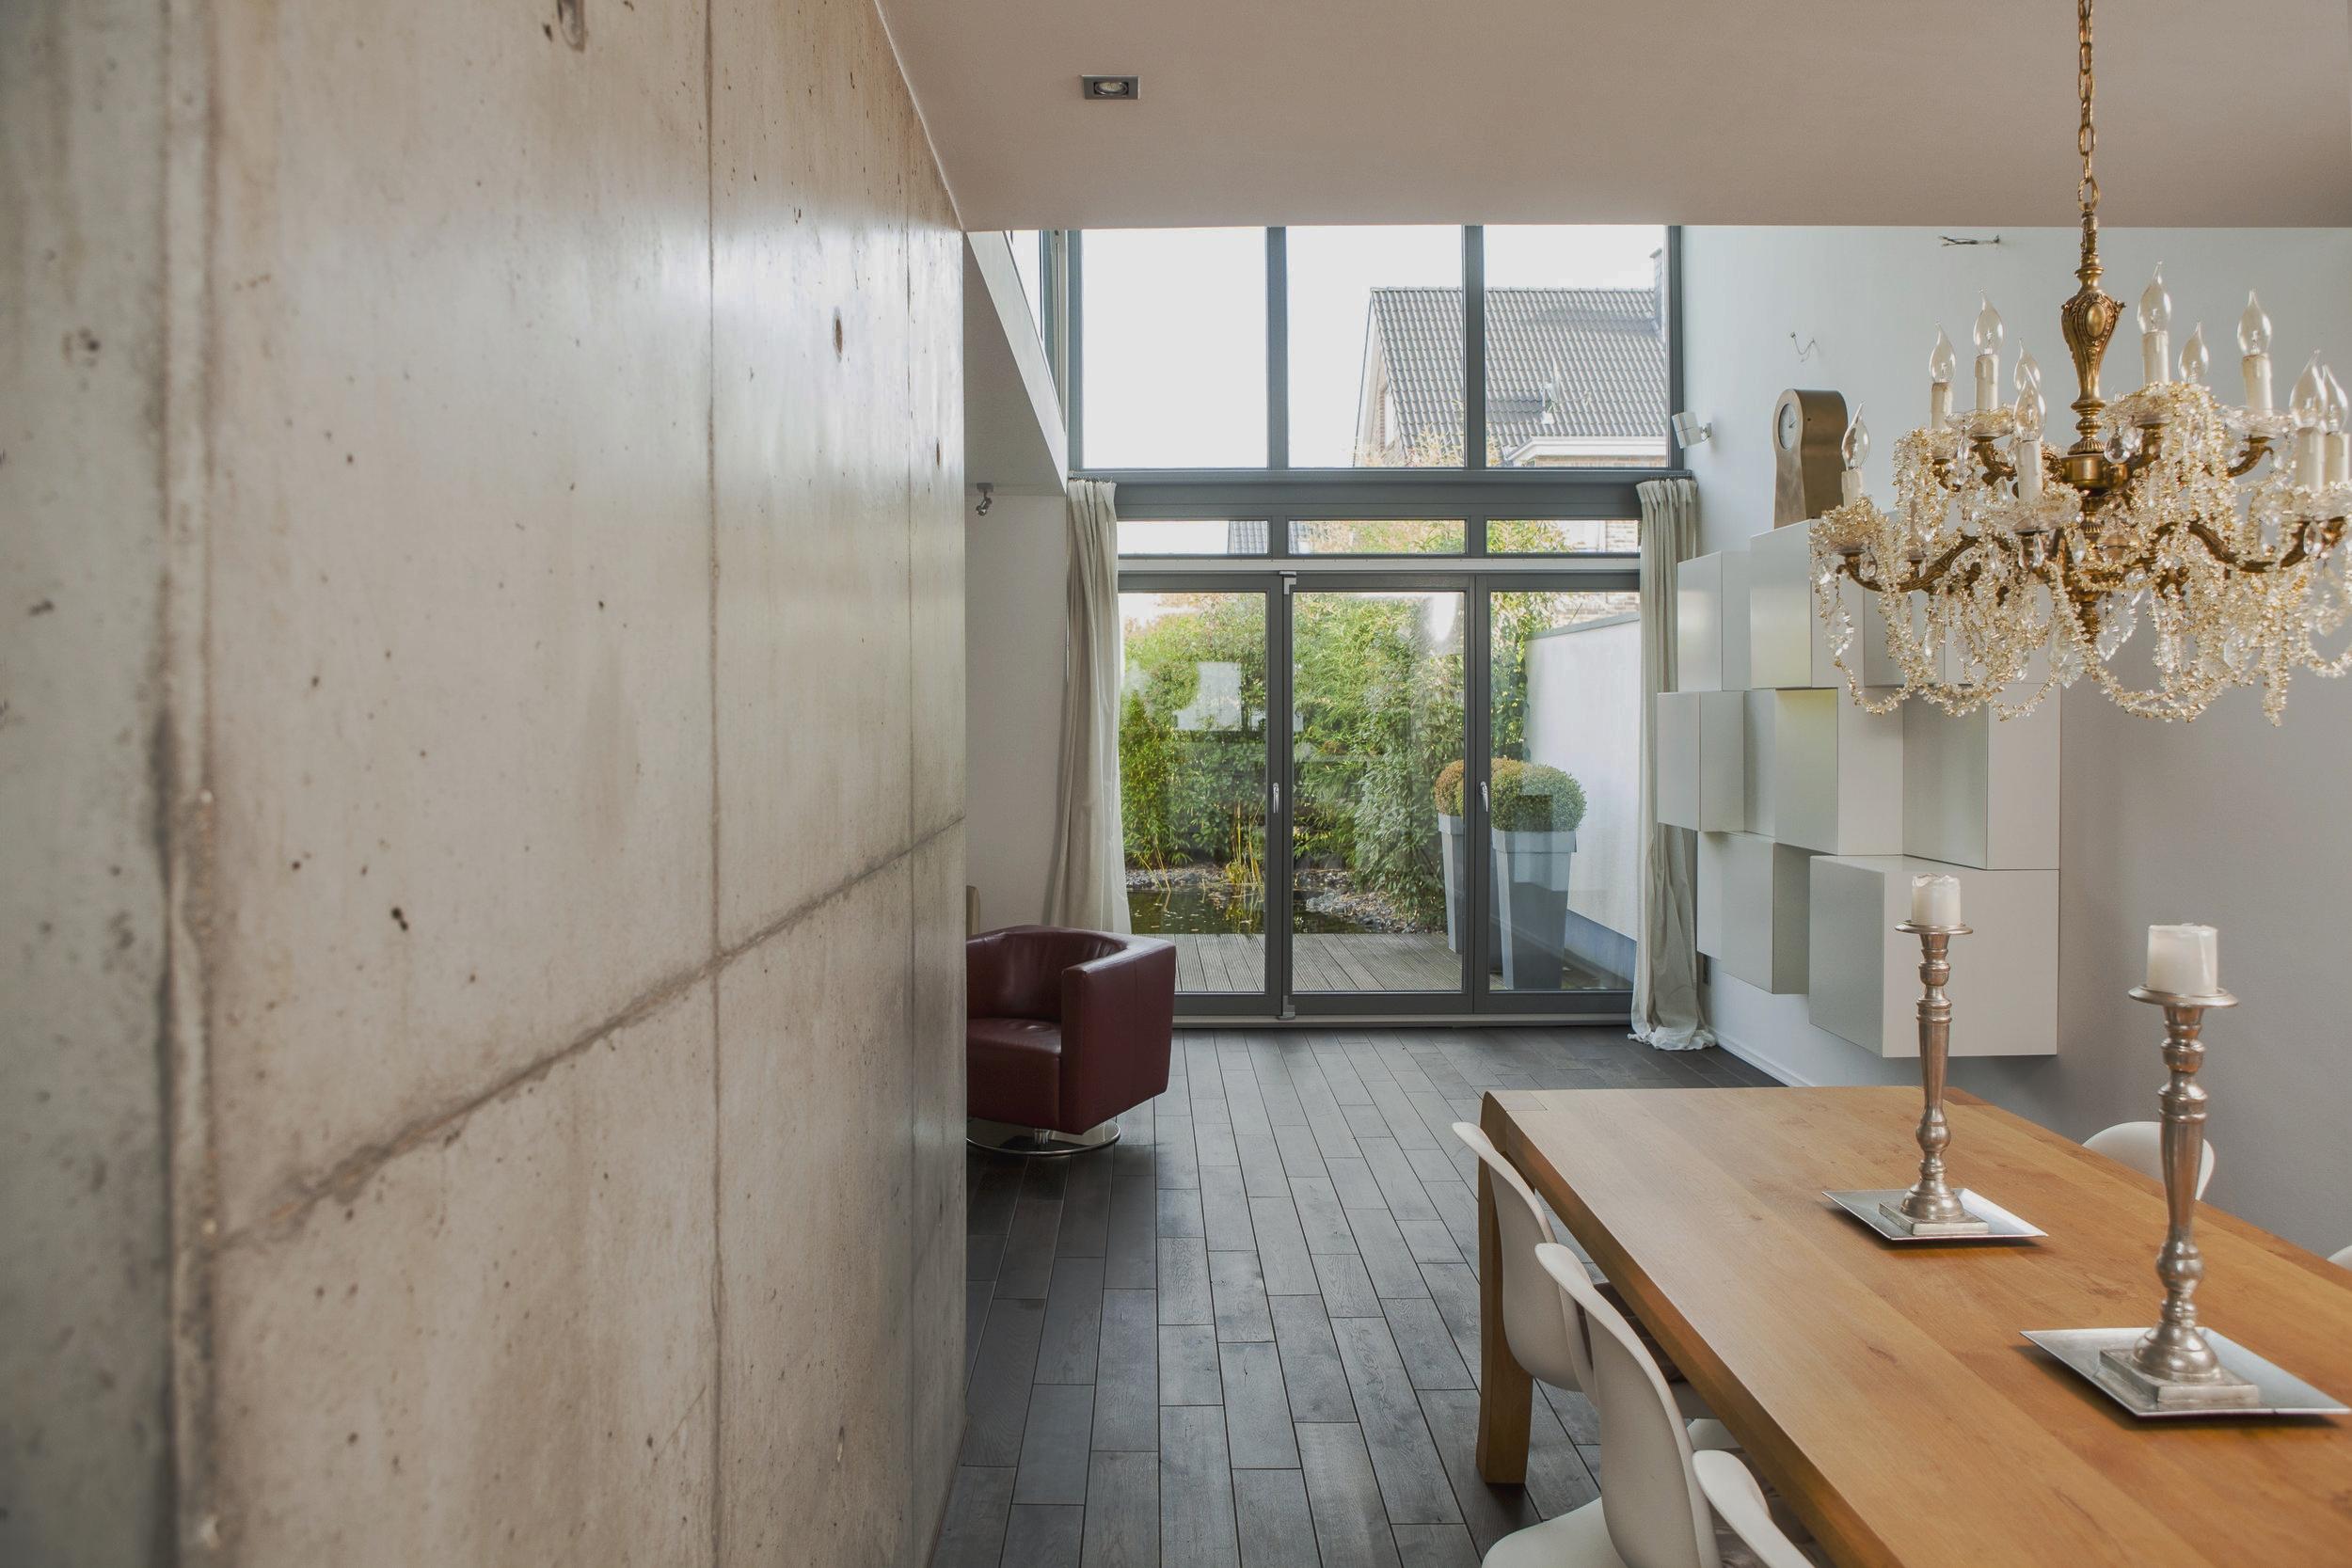 Wohnhäuser - entstehen durch intensiven Austausch, mit viel Einfühlungsvermögen und kreative gestalterische Umsetzung der Wünsche der Bauherren